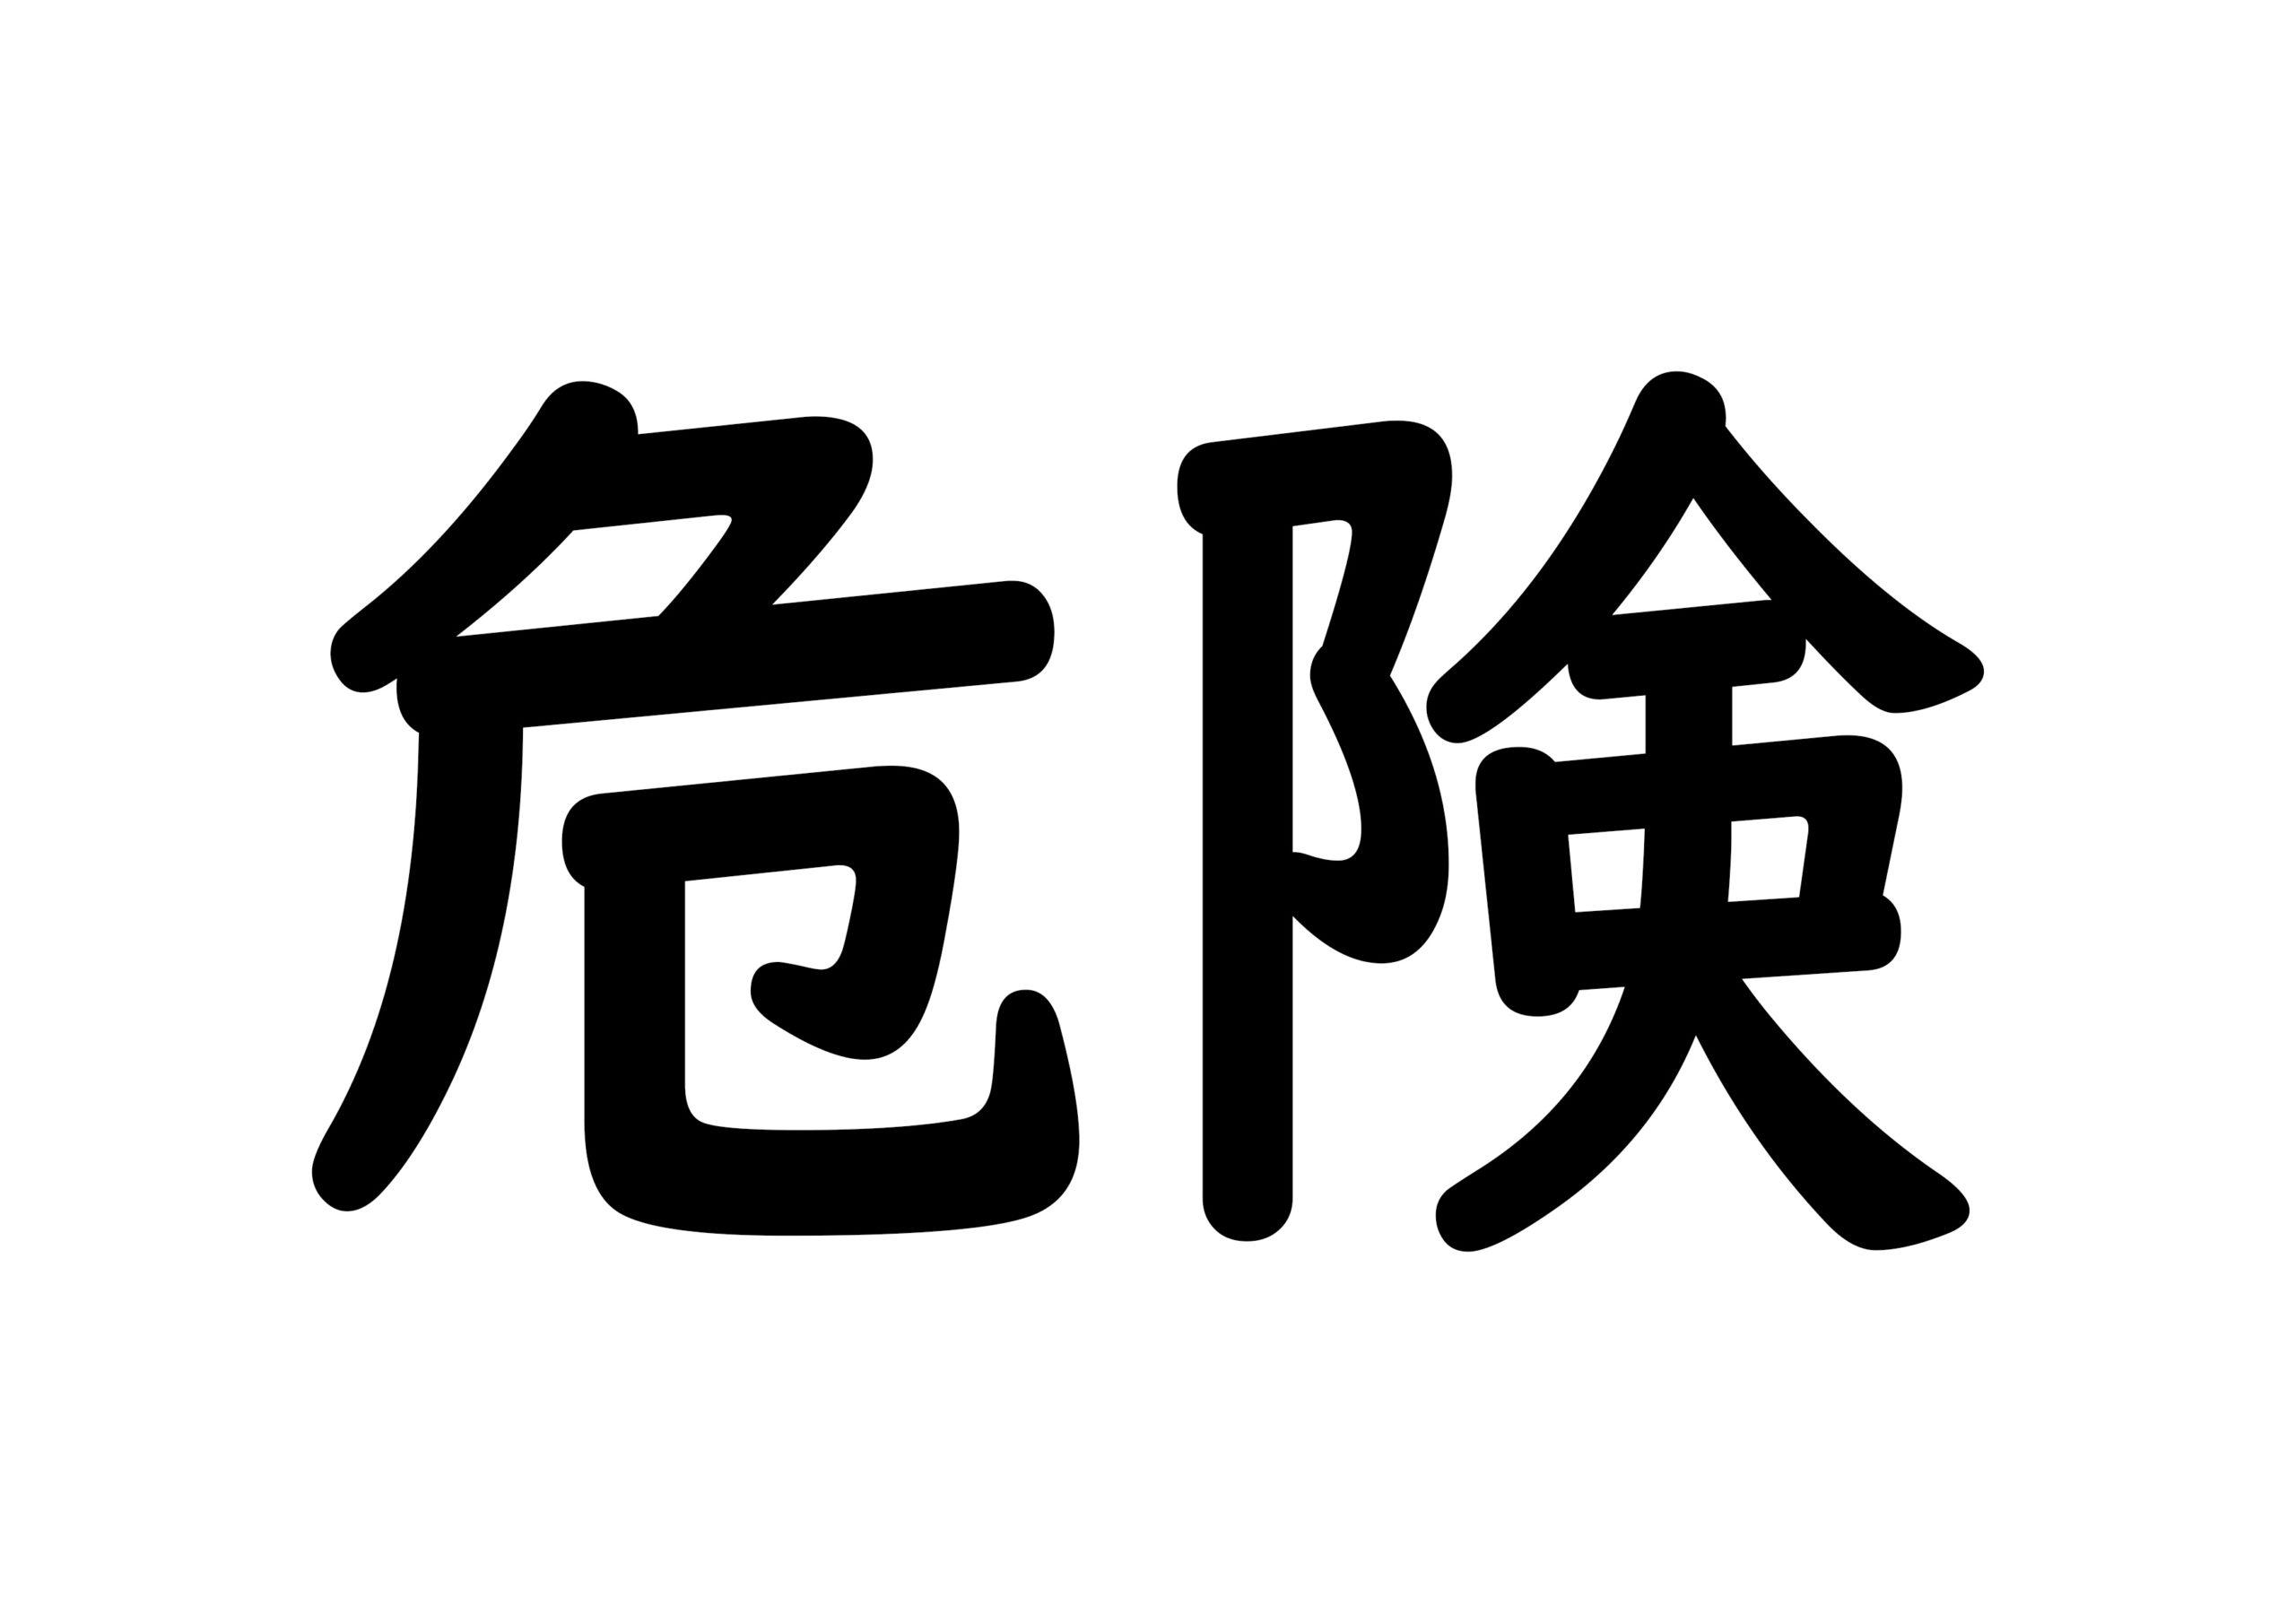 44課文字カード【危険】